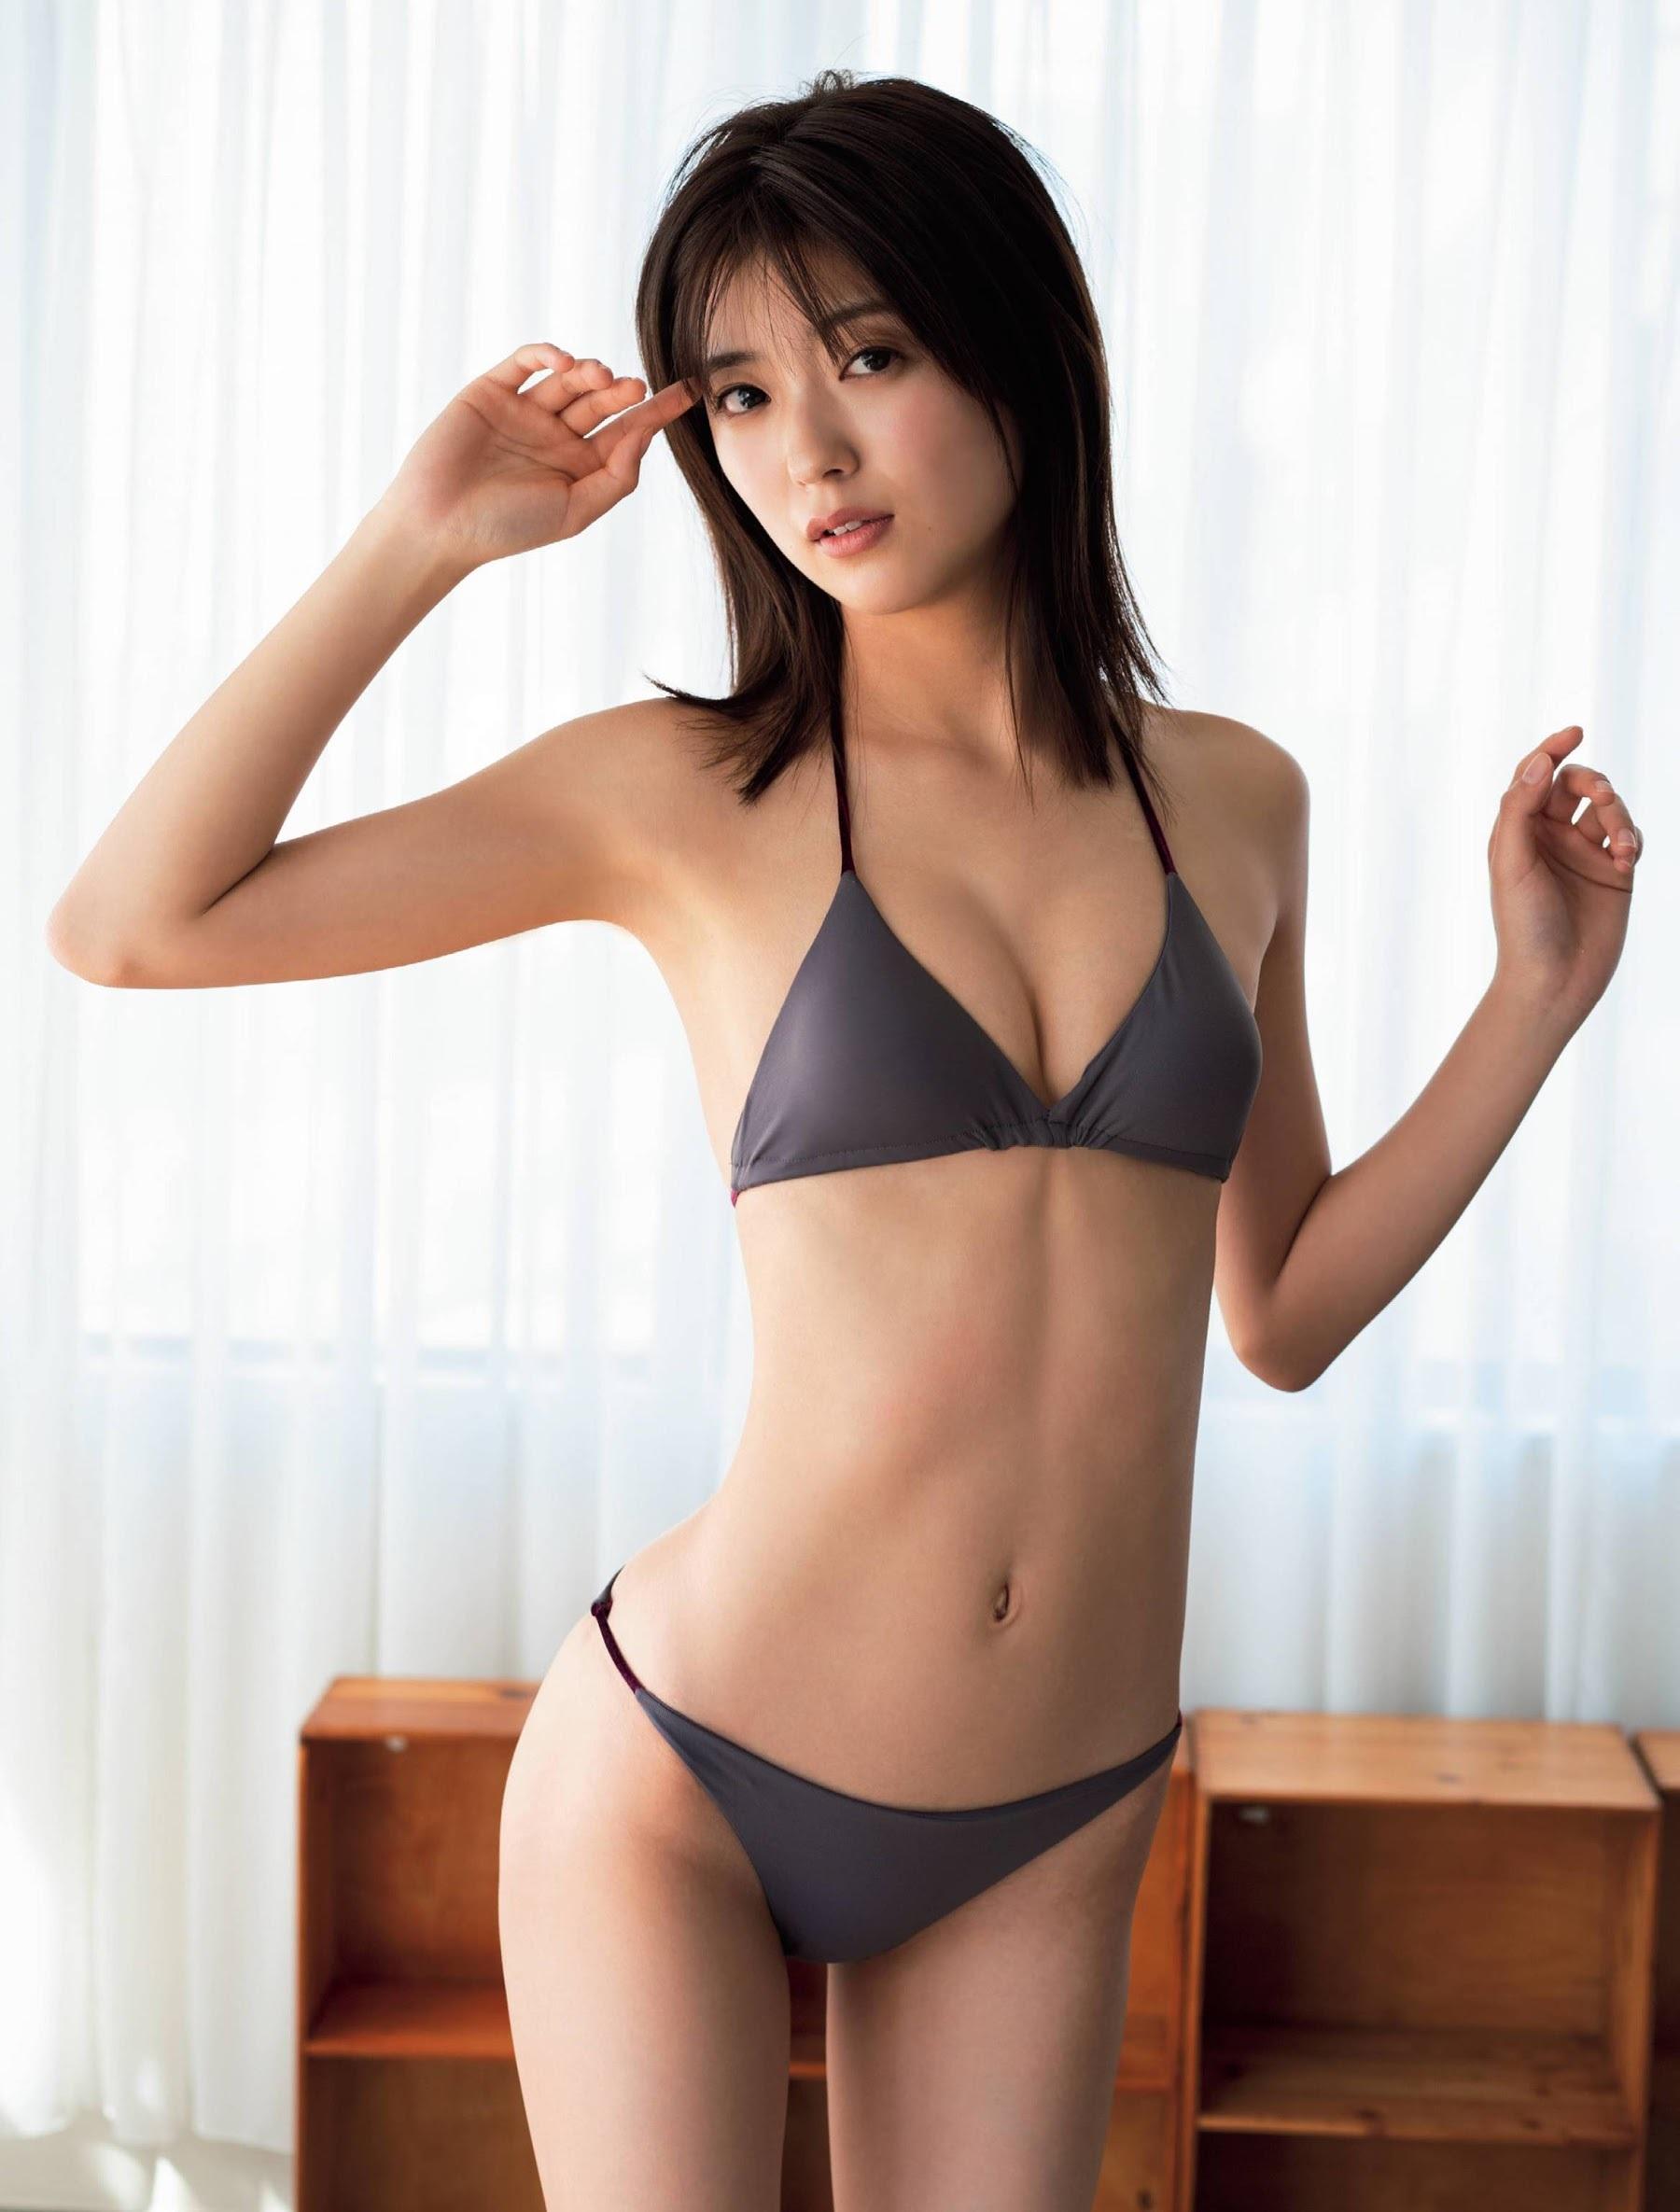 Kiramei Pinks fresh and beautiful body Miku Kudo005